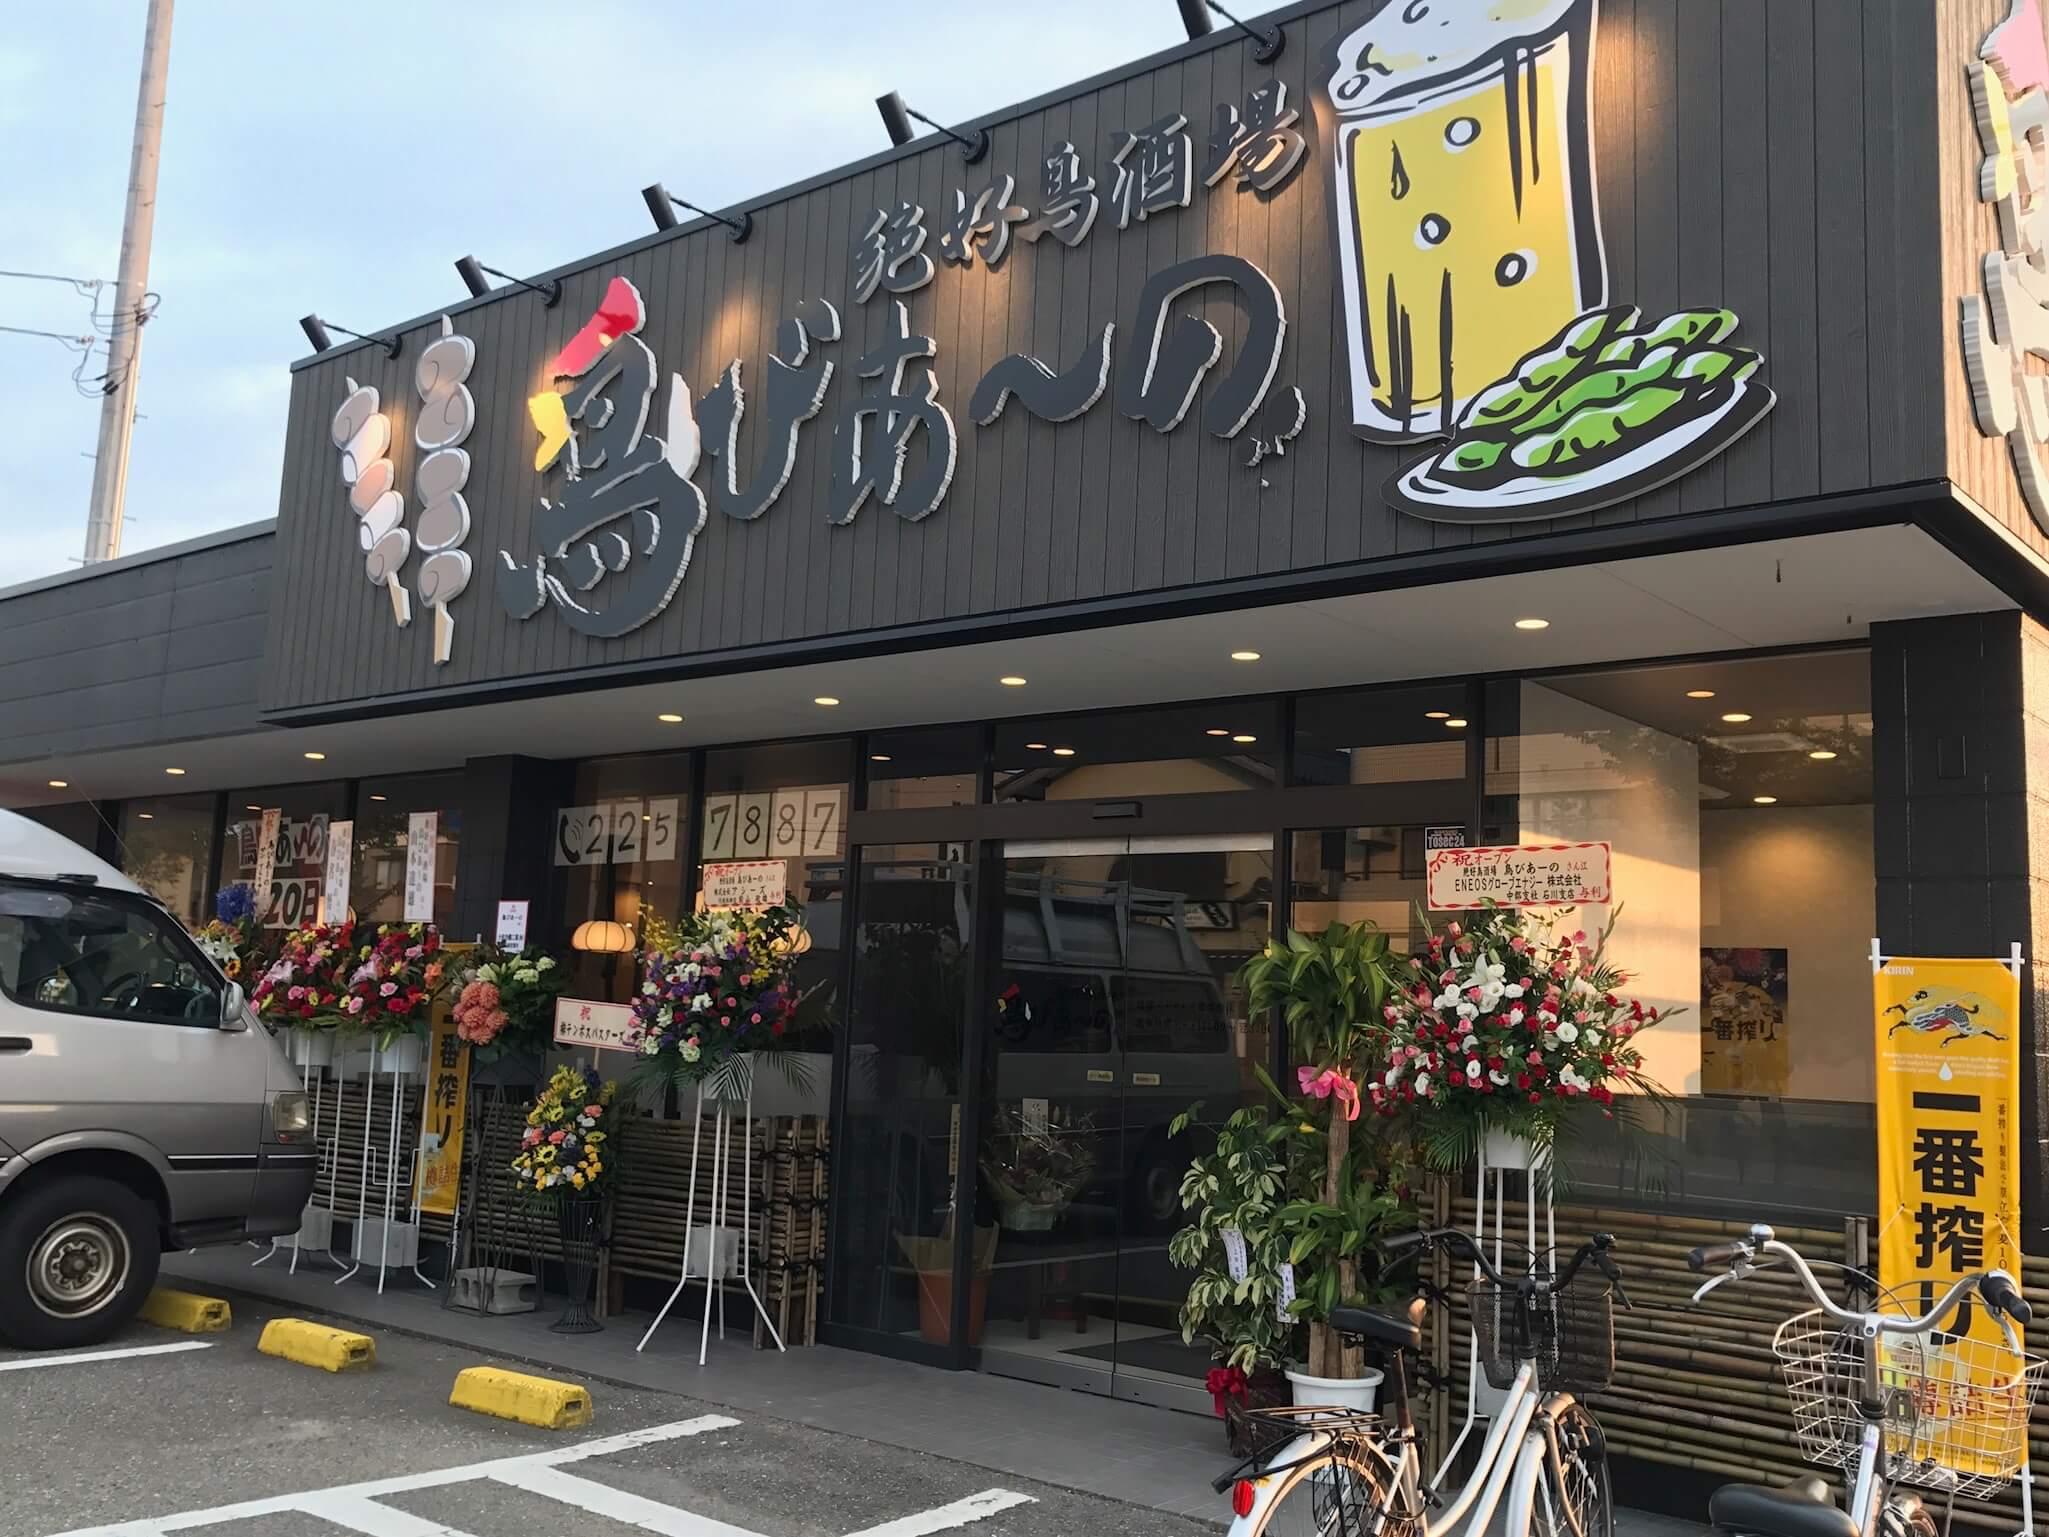 「 絶好鳥酒場 鳥びあーの 」が三口新町にオープン !! 超お手頃価格で美味しい串焼を心ゆくまで食べられる!!